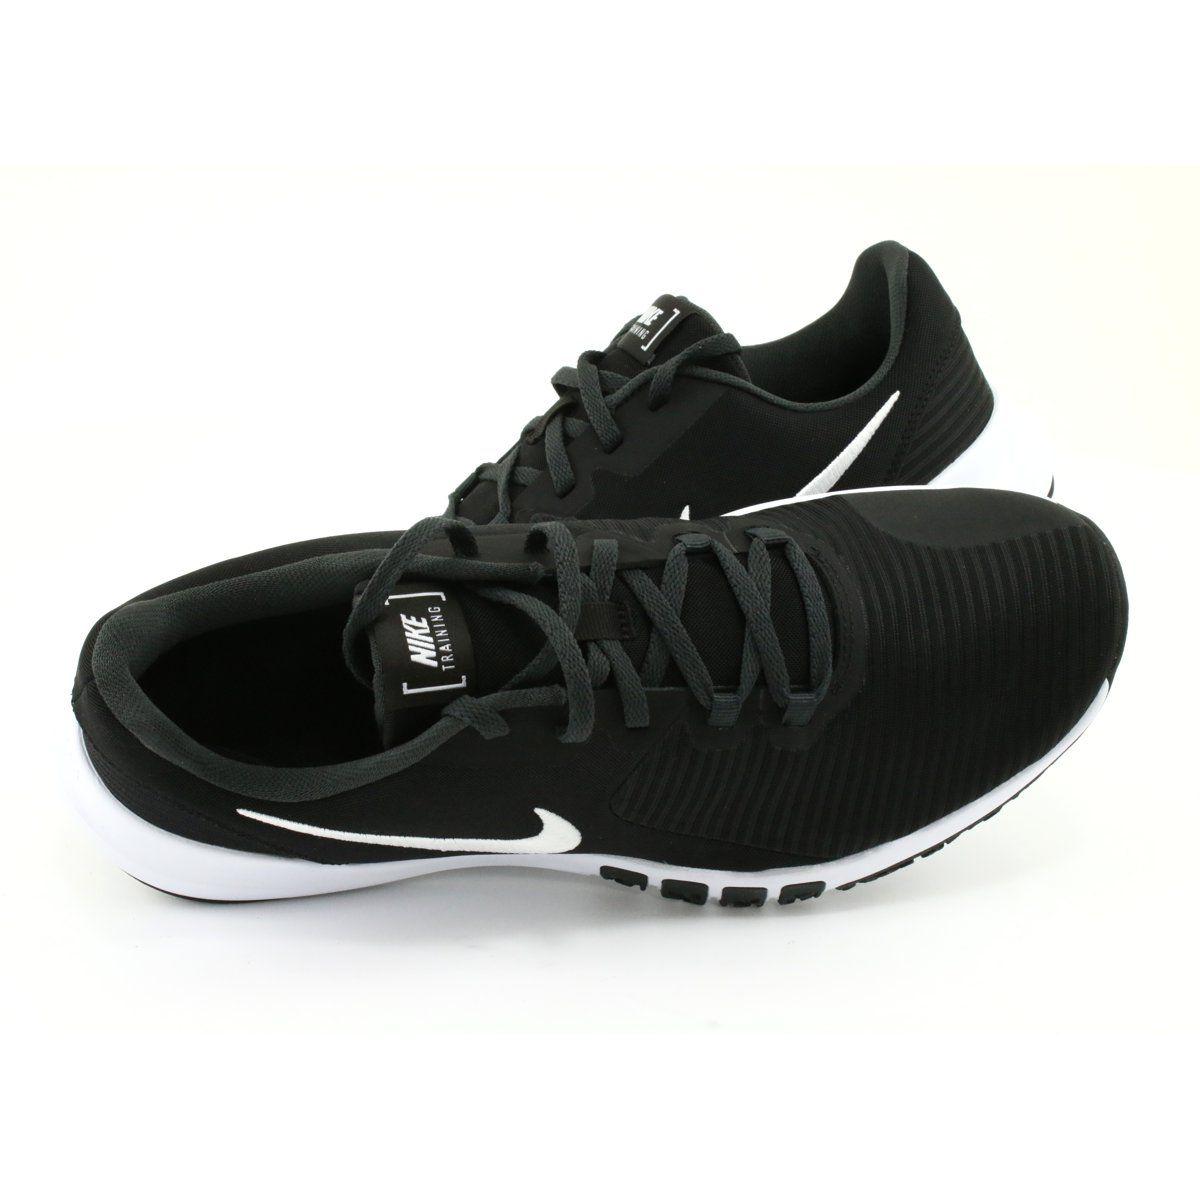 Buty Nike Flex Control 4 M Cd0197 002 Biale Czarne Nike Flex Dc Sneaker Nike